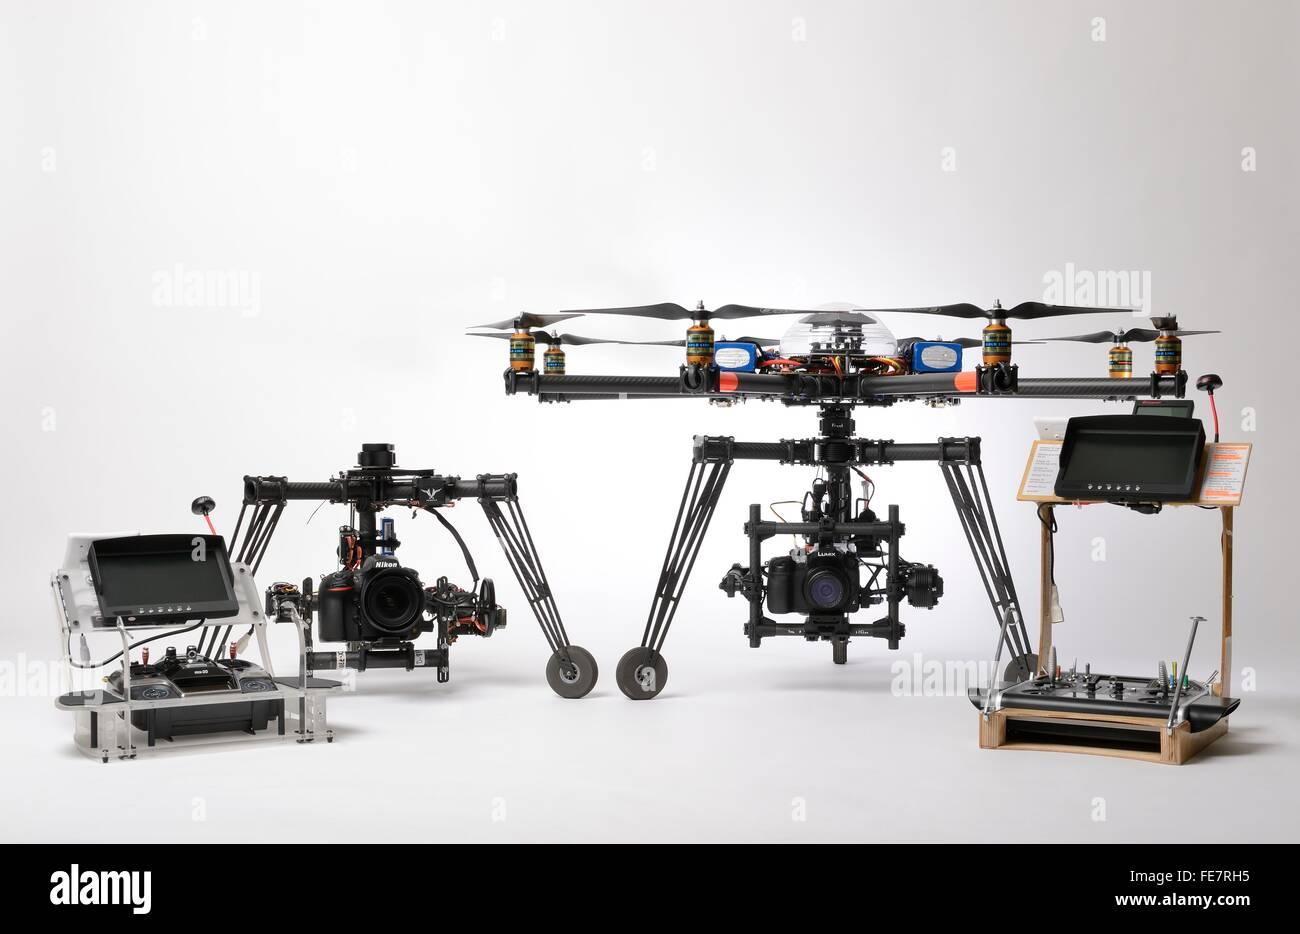 parrot 2.0 drone